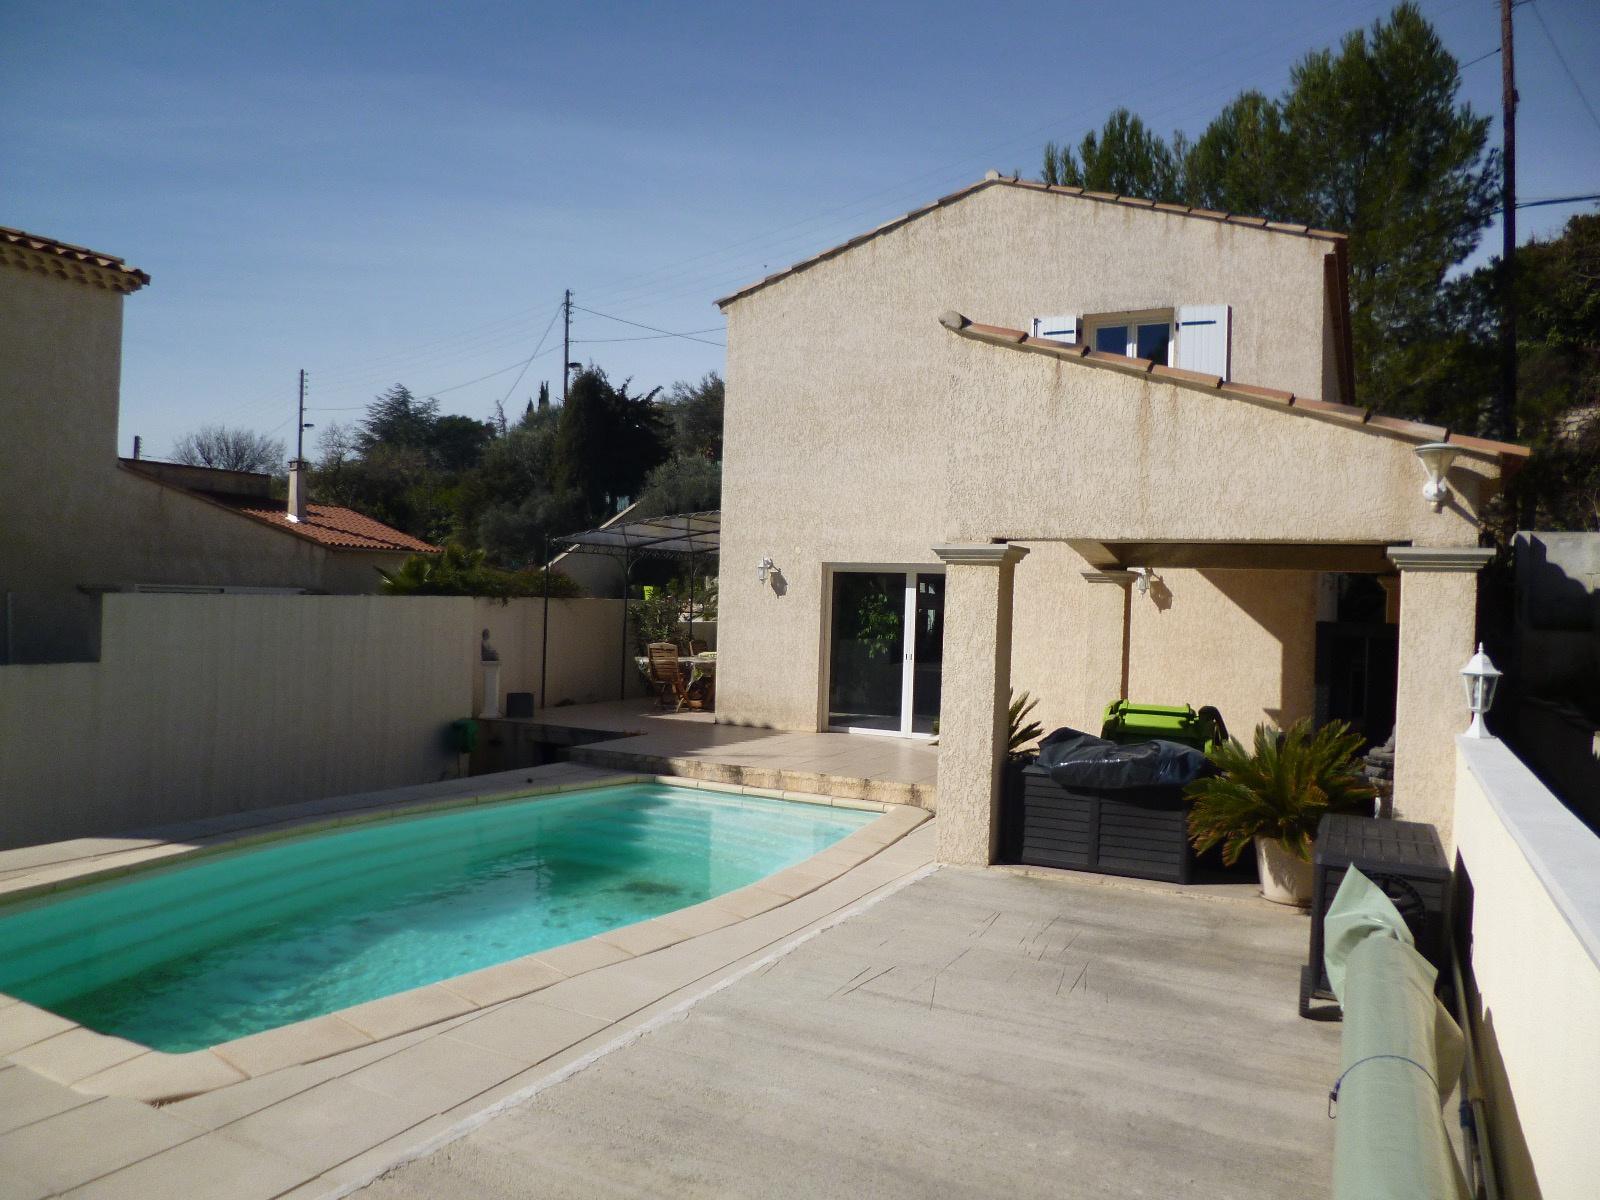 Vente maison marseille avec la maison de l 39 immobilier for Achat maison 13015